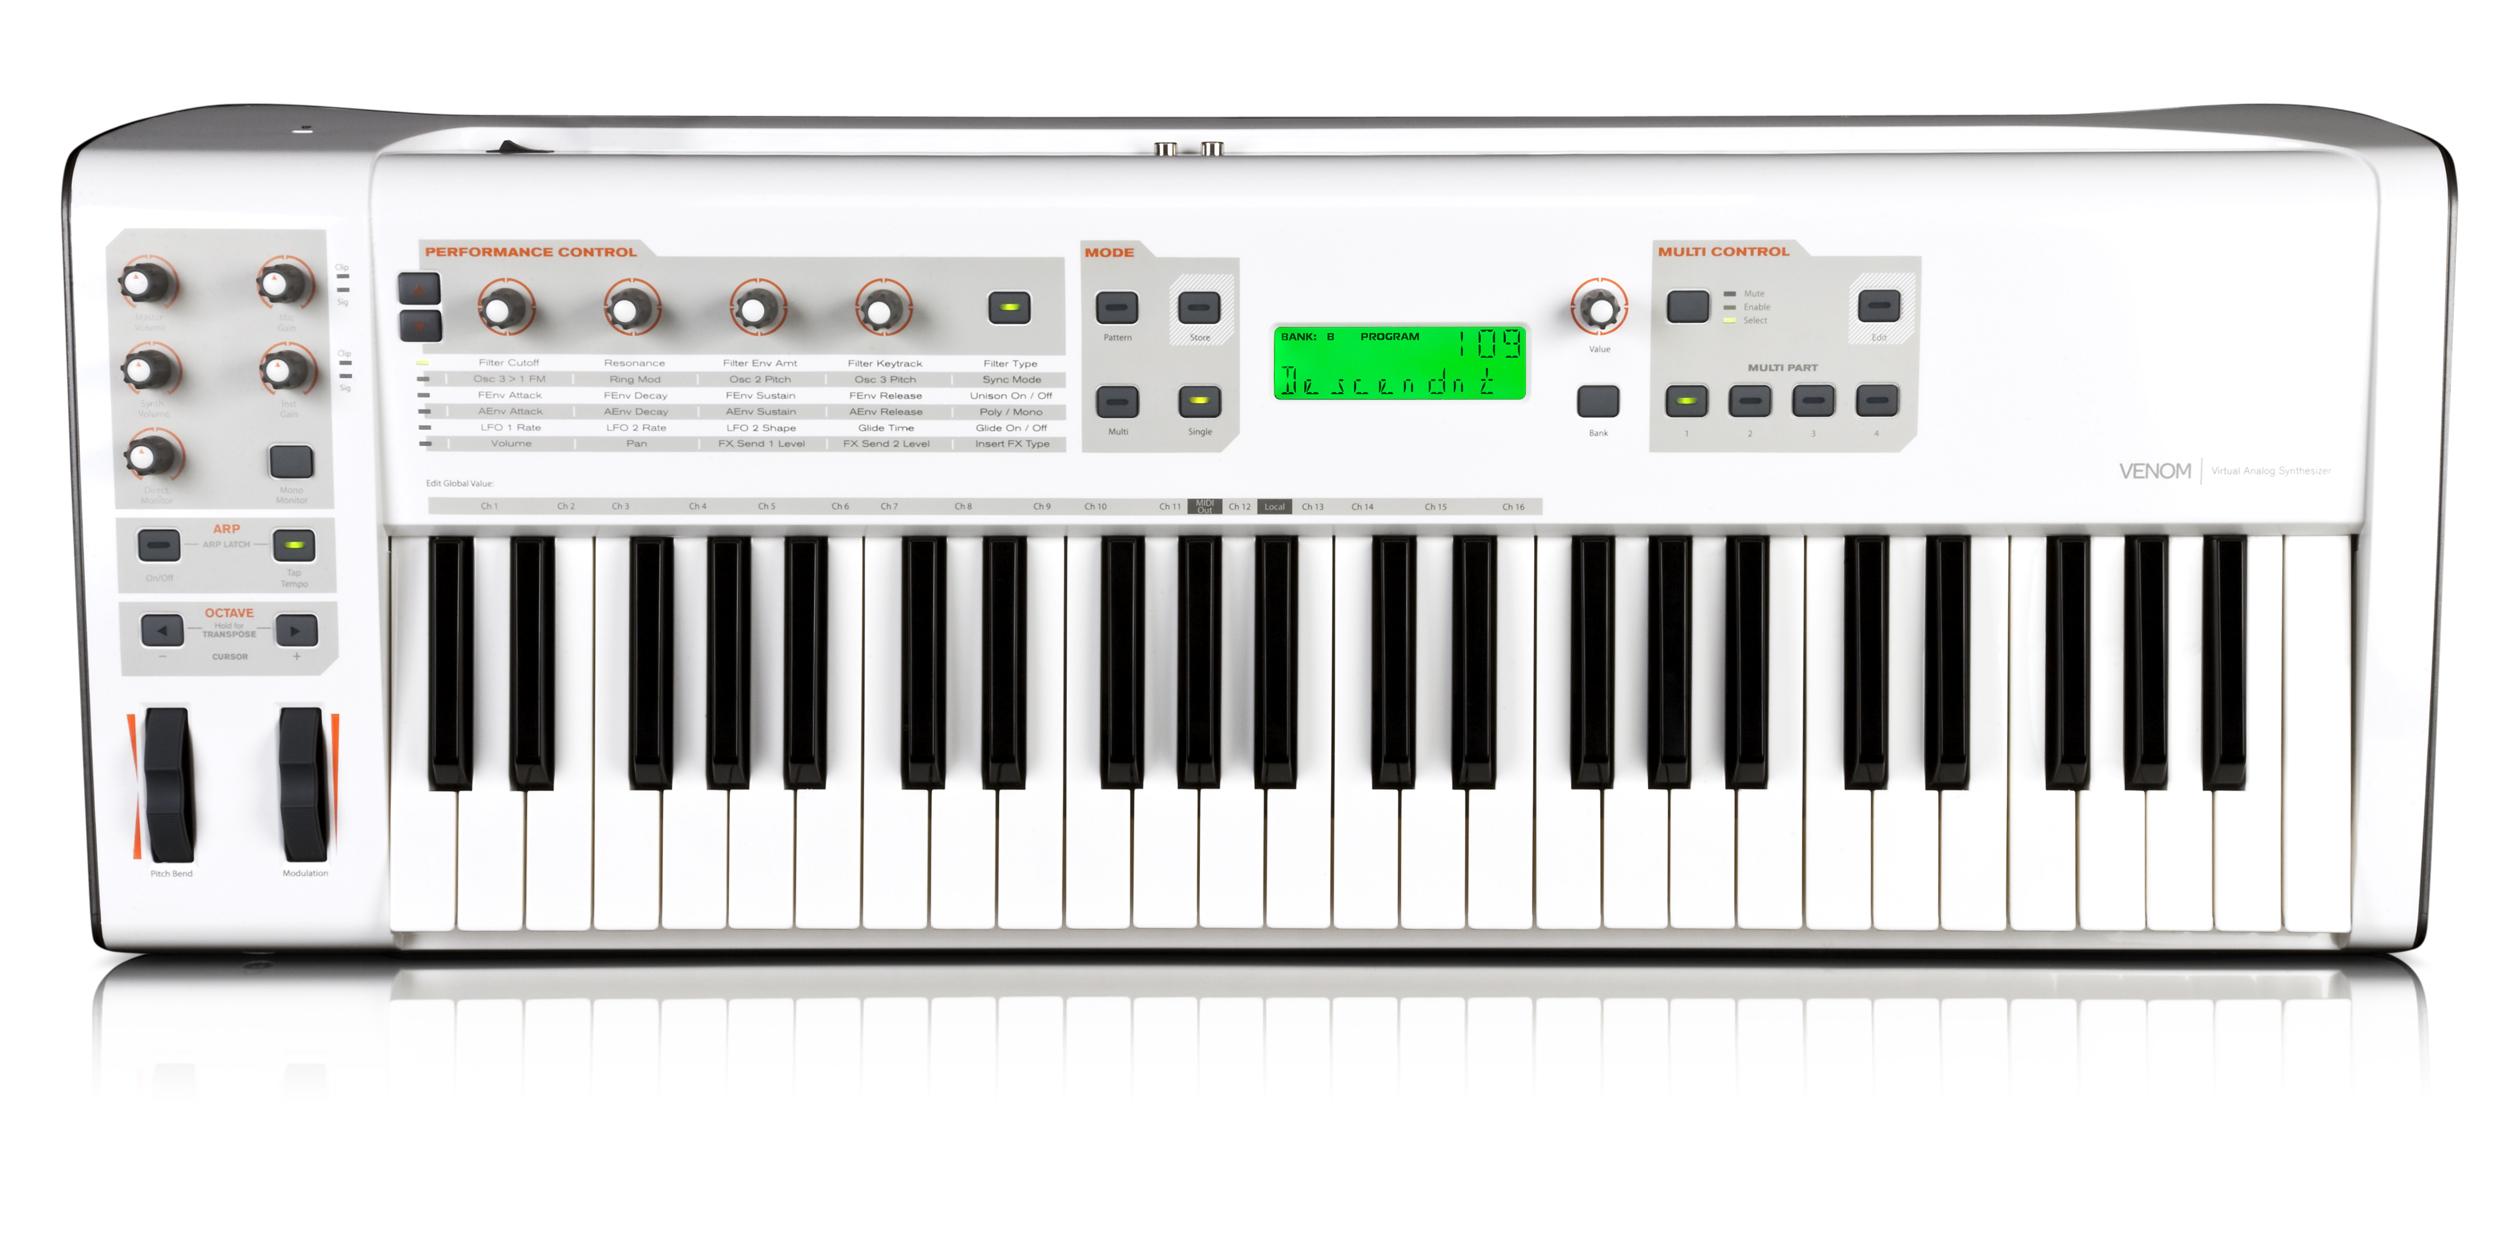 M-Audio第一款49键合成器,同时内置音频接口和MIDI接口,当然也可作为MIDI键盘和控制器使用,可配合Pro Tools M-Powered软件一起使用。 Vedom主要特性: